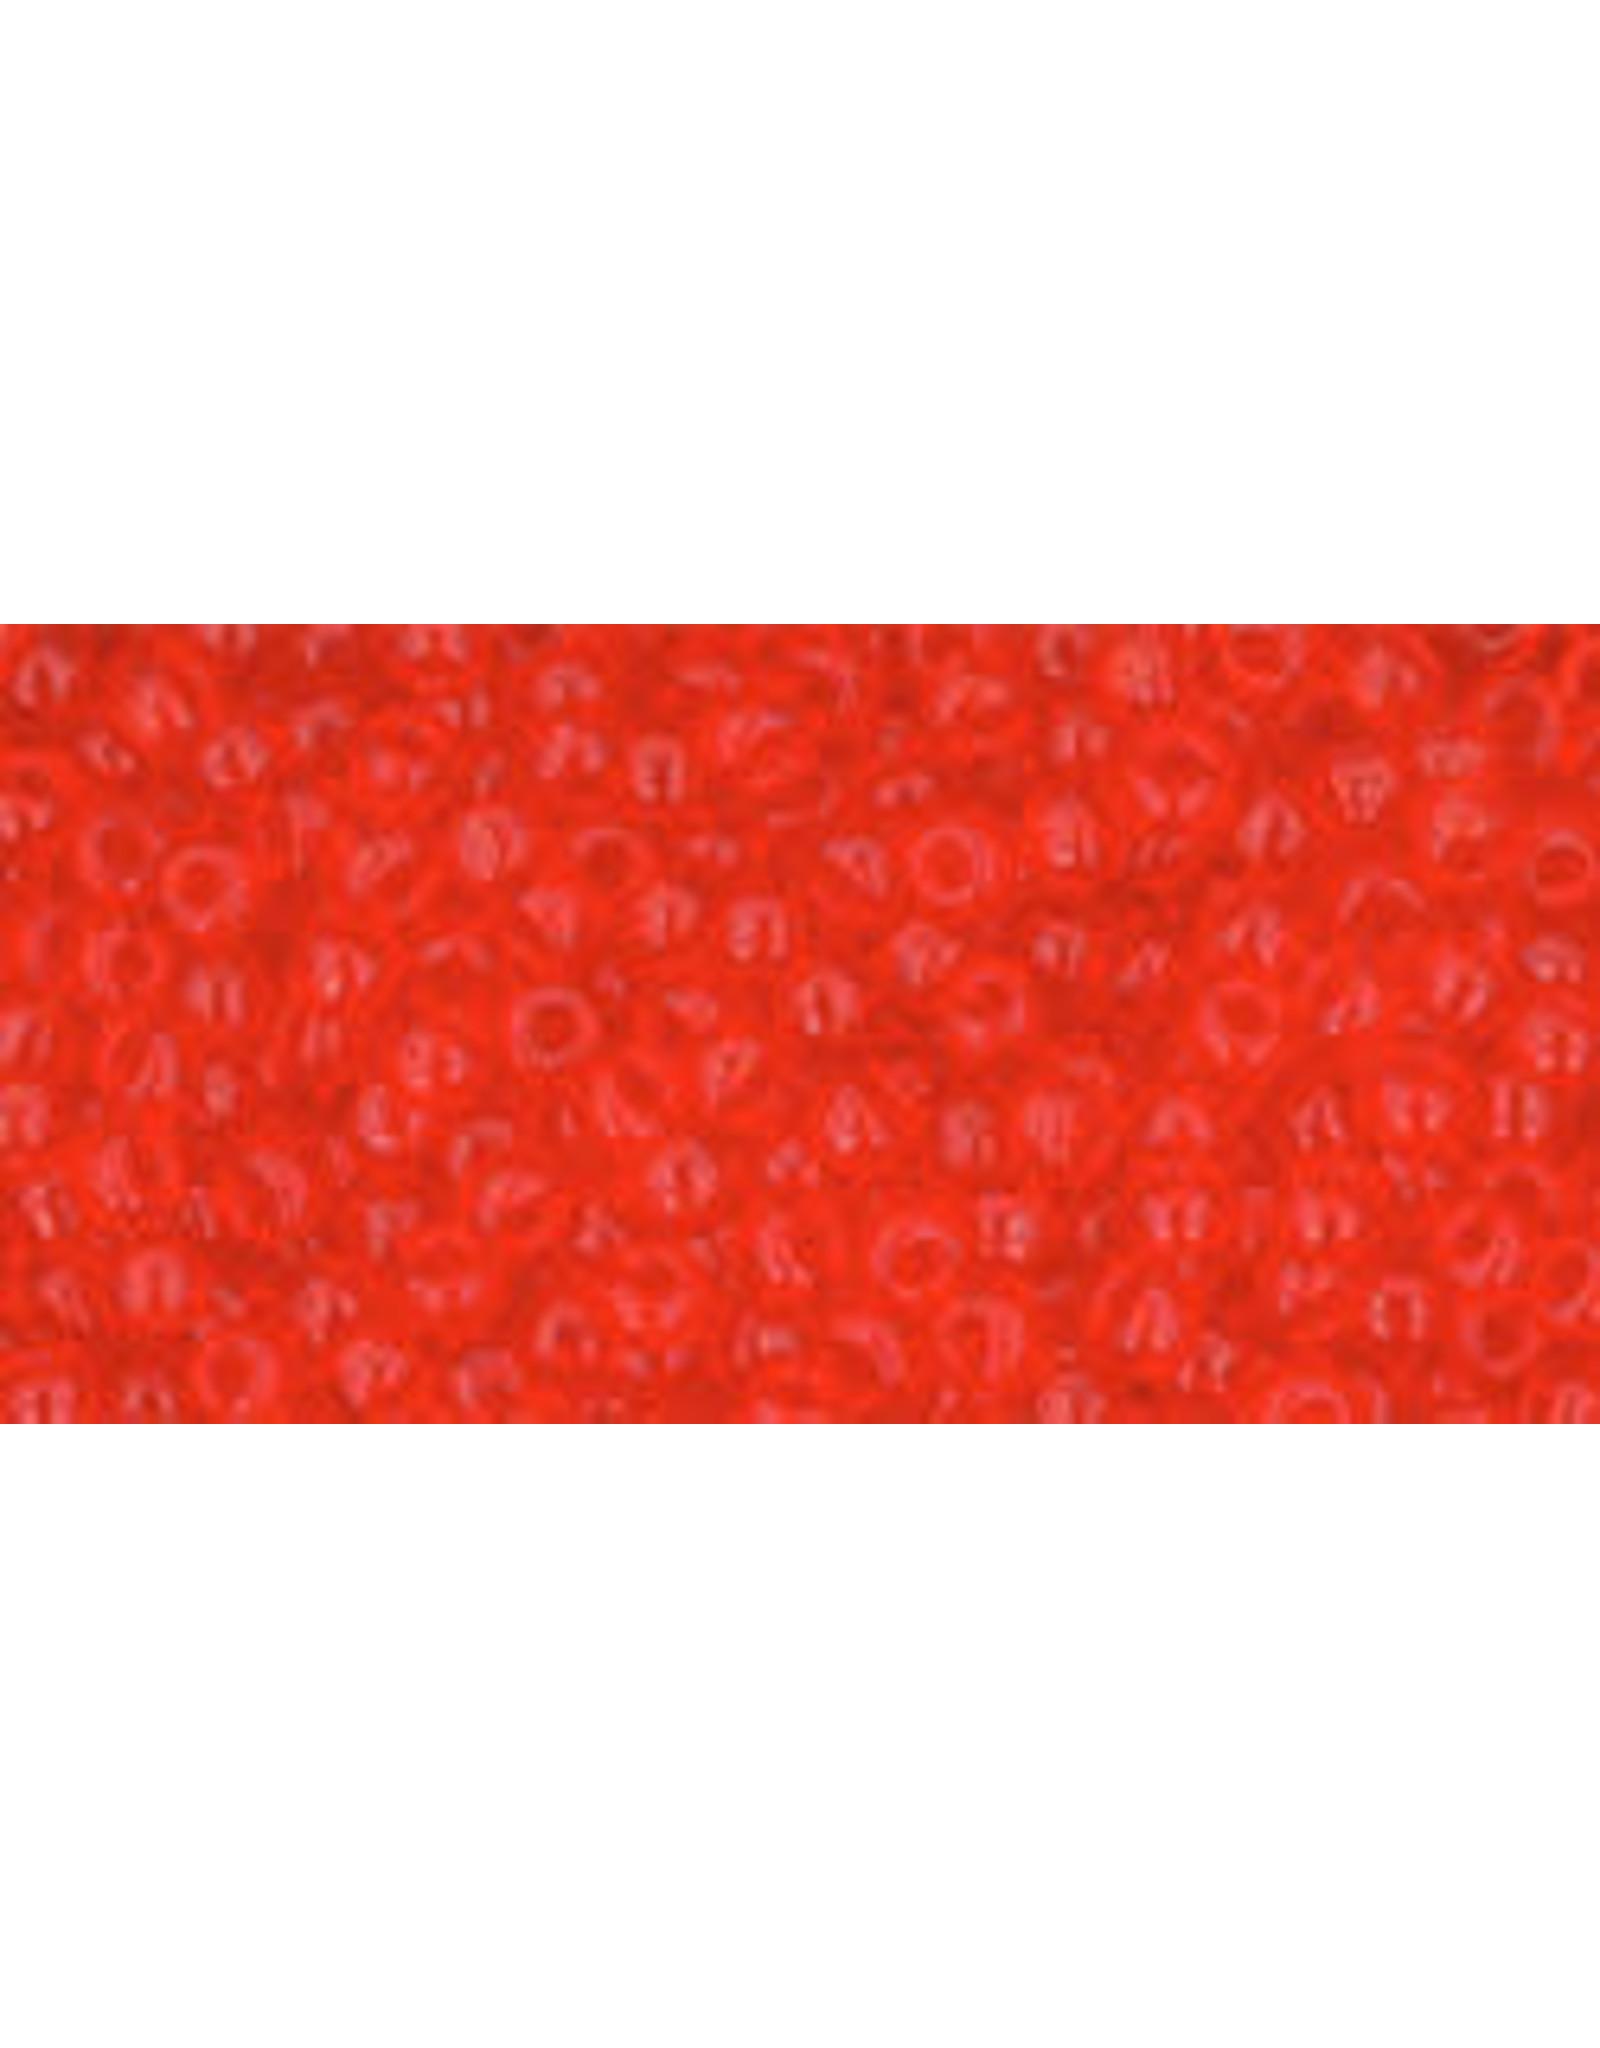 Toho 5 11 Toho Round 6g Transparent Light Siam Red